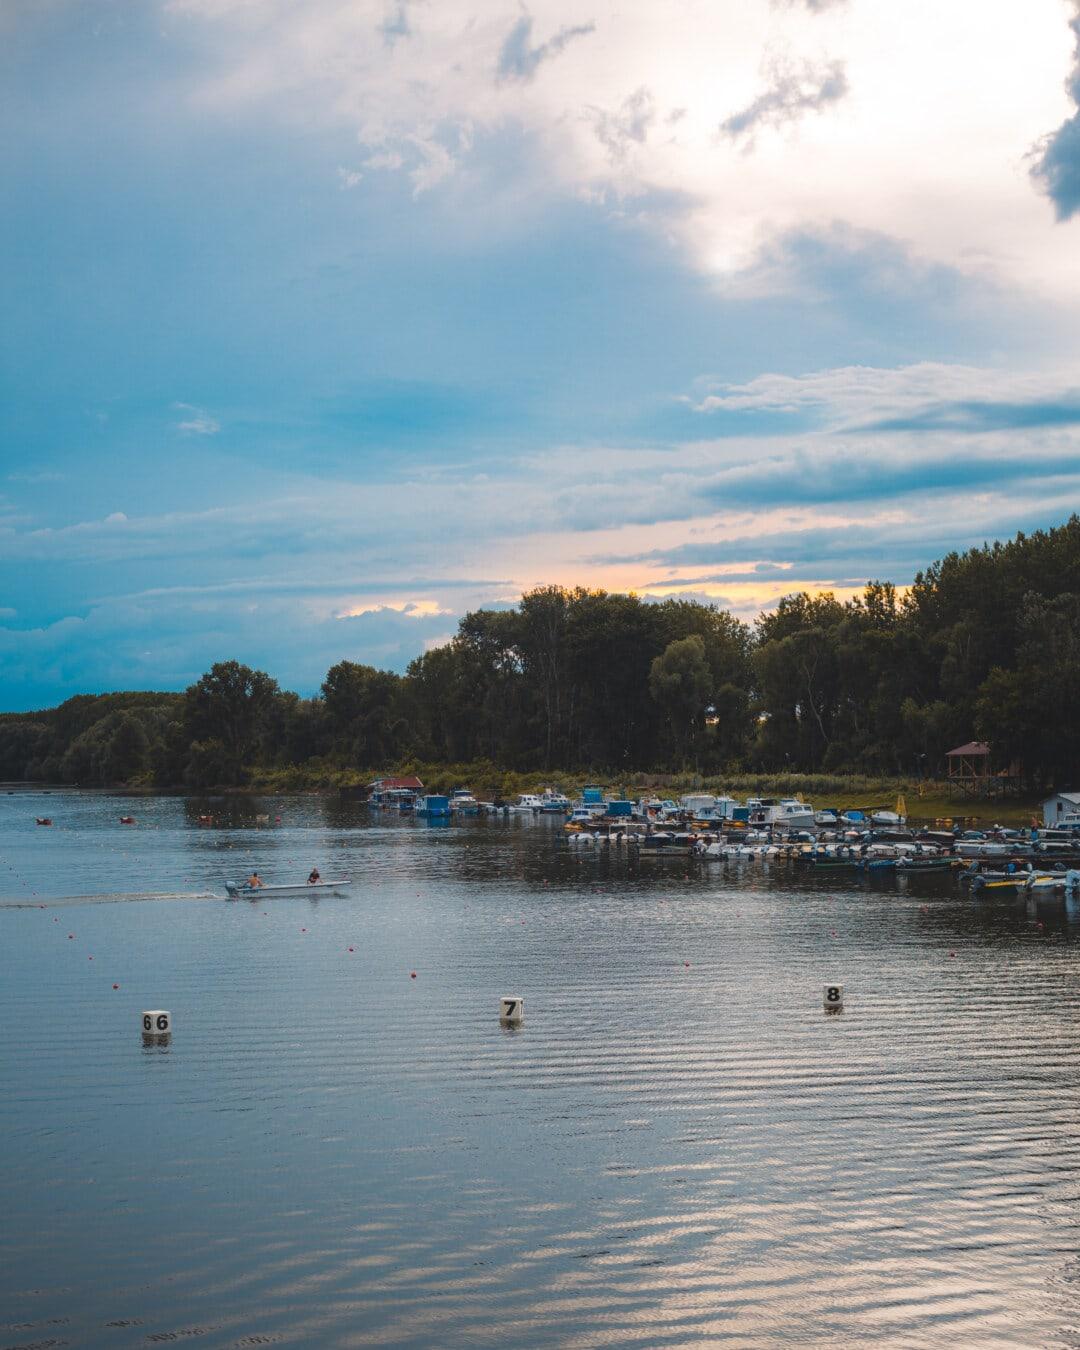 järven puolella, satama, iltapäivällä, veneet, keskuksen alueella, maisema, vesi, järvi, Shore, joki